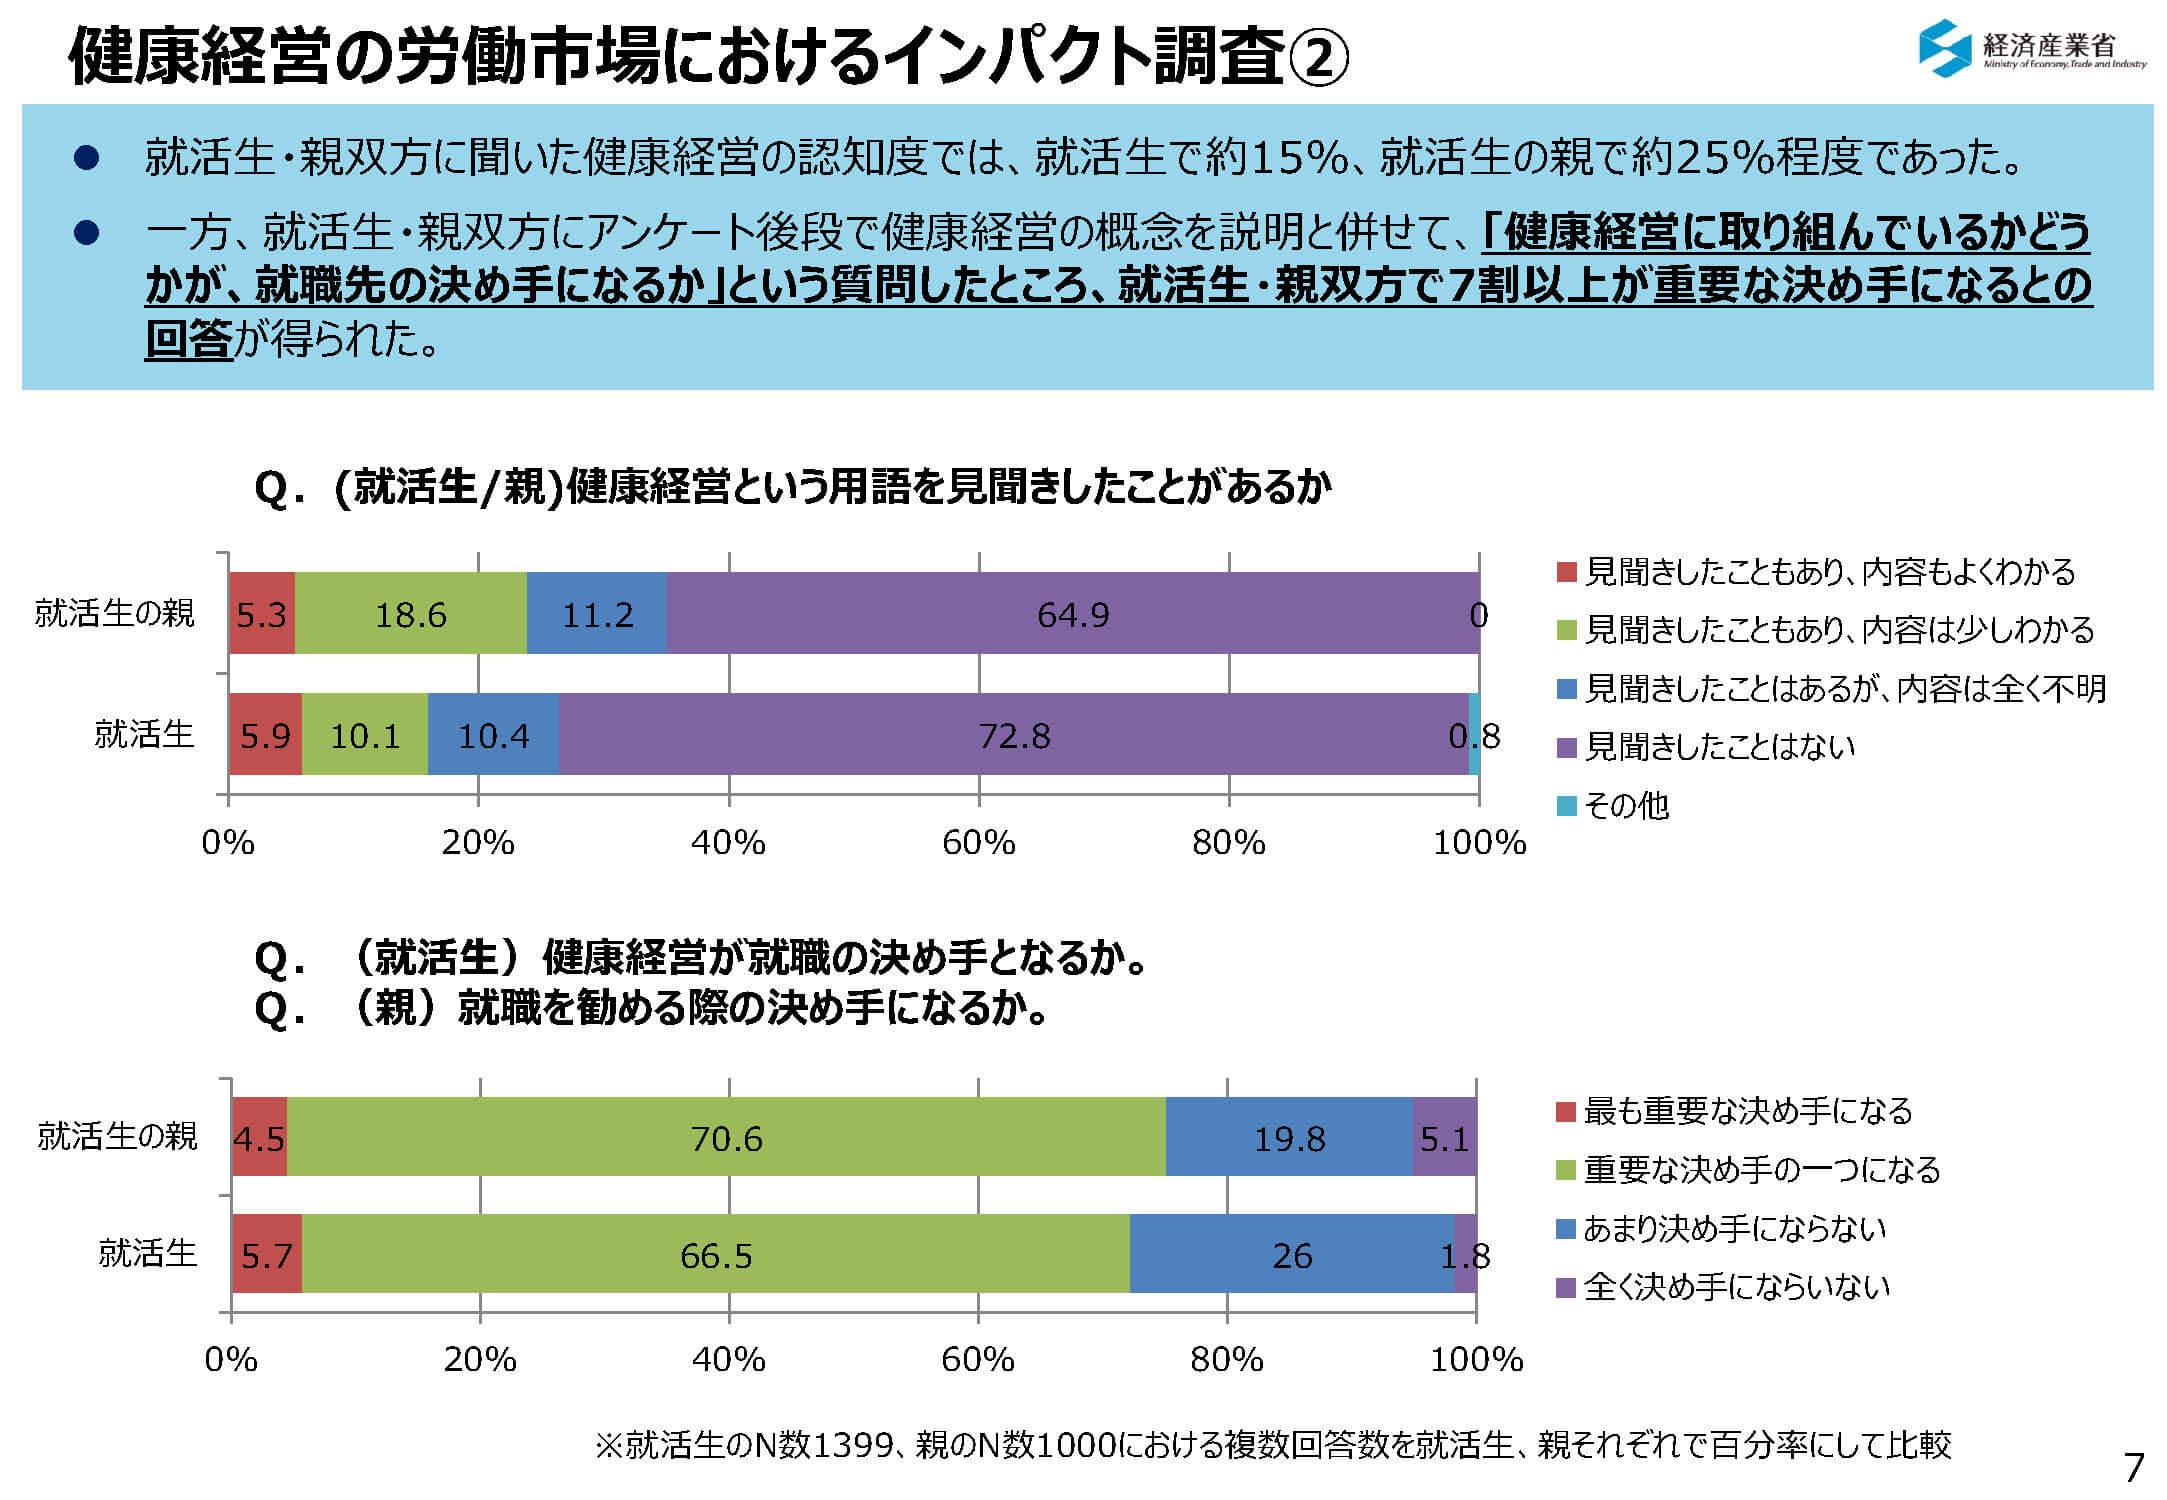 健康経営の労働市場におけるインパクト調査